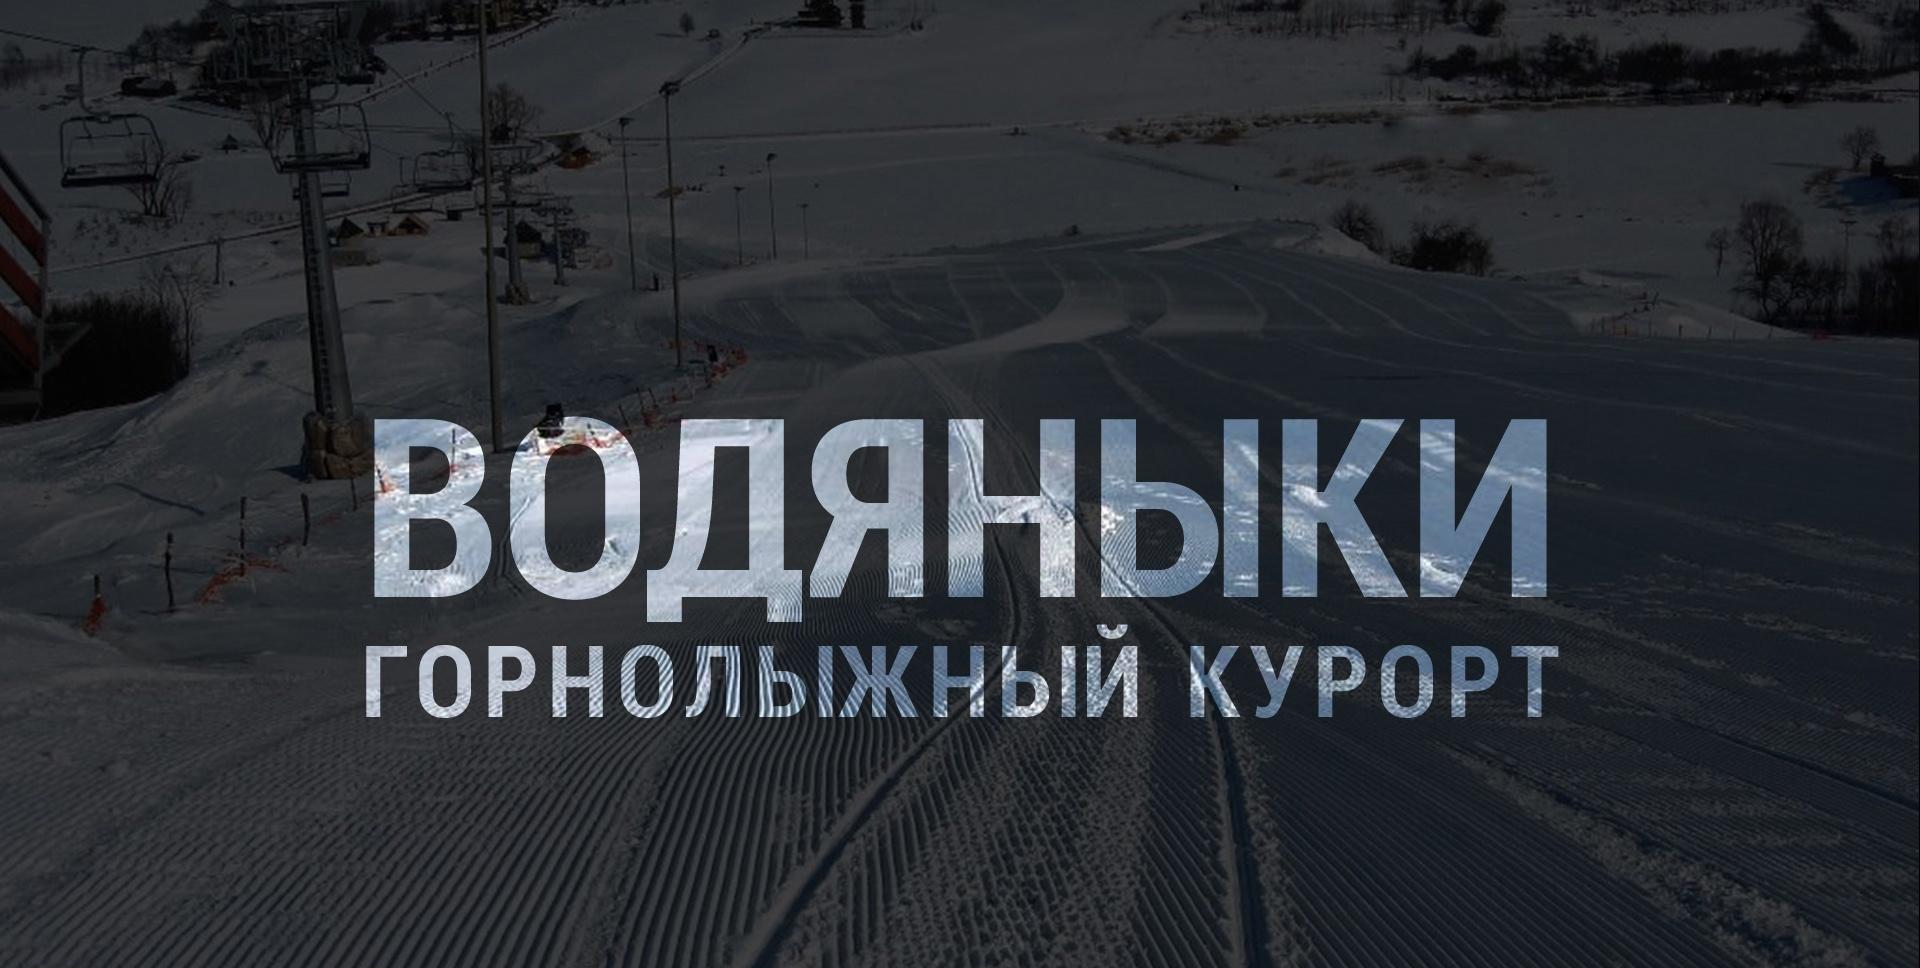 zimnie-kyrorty-ukrainu-2